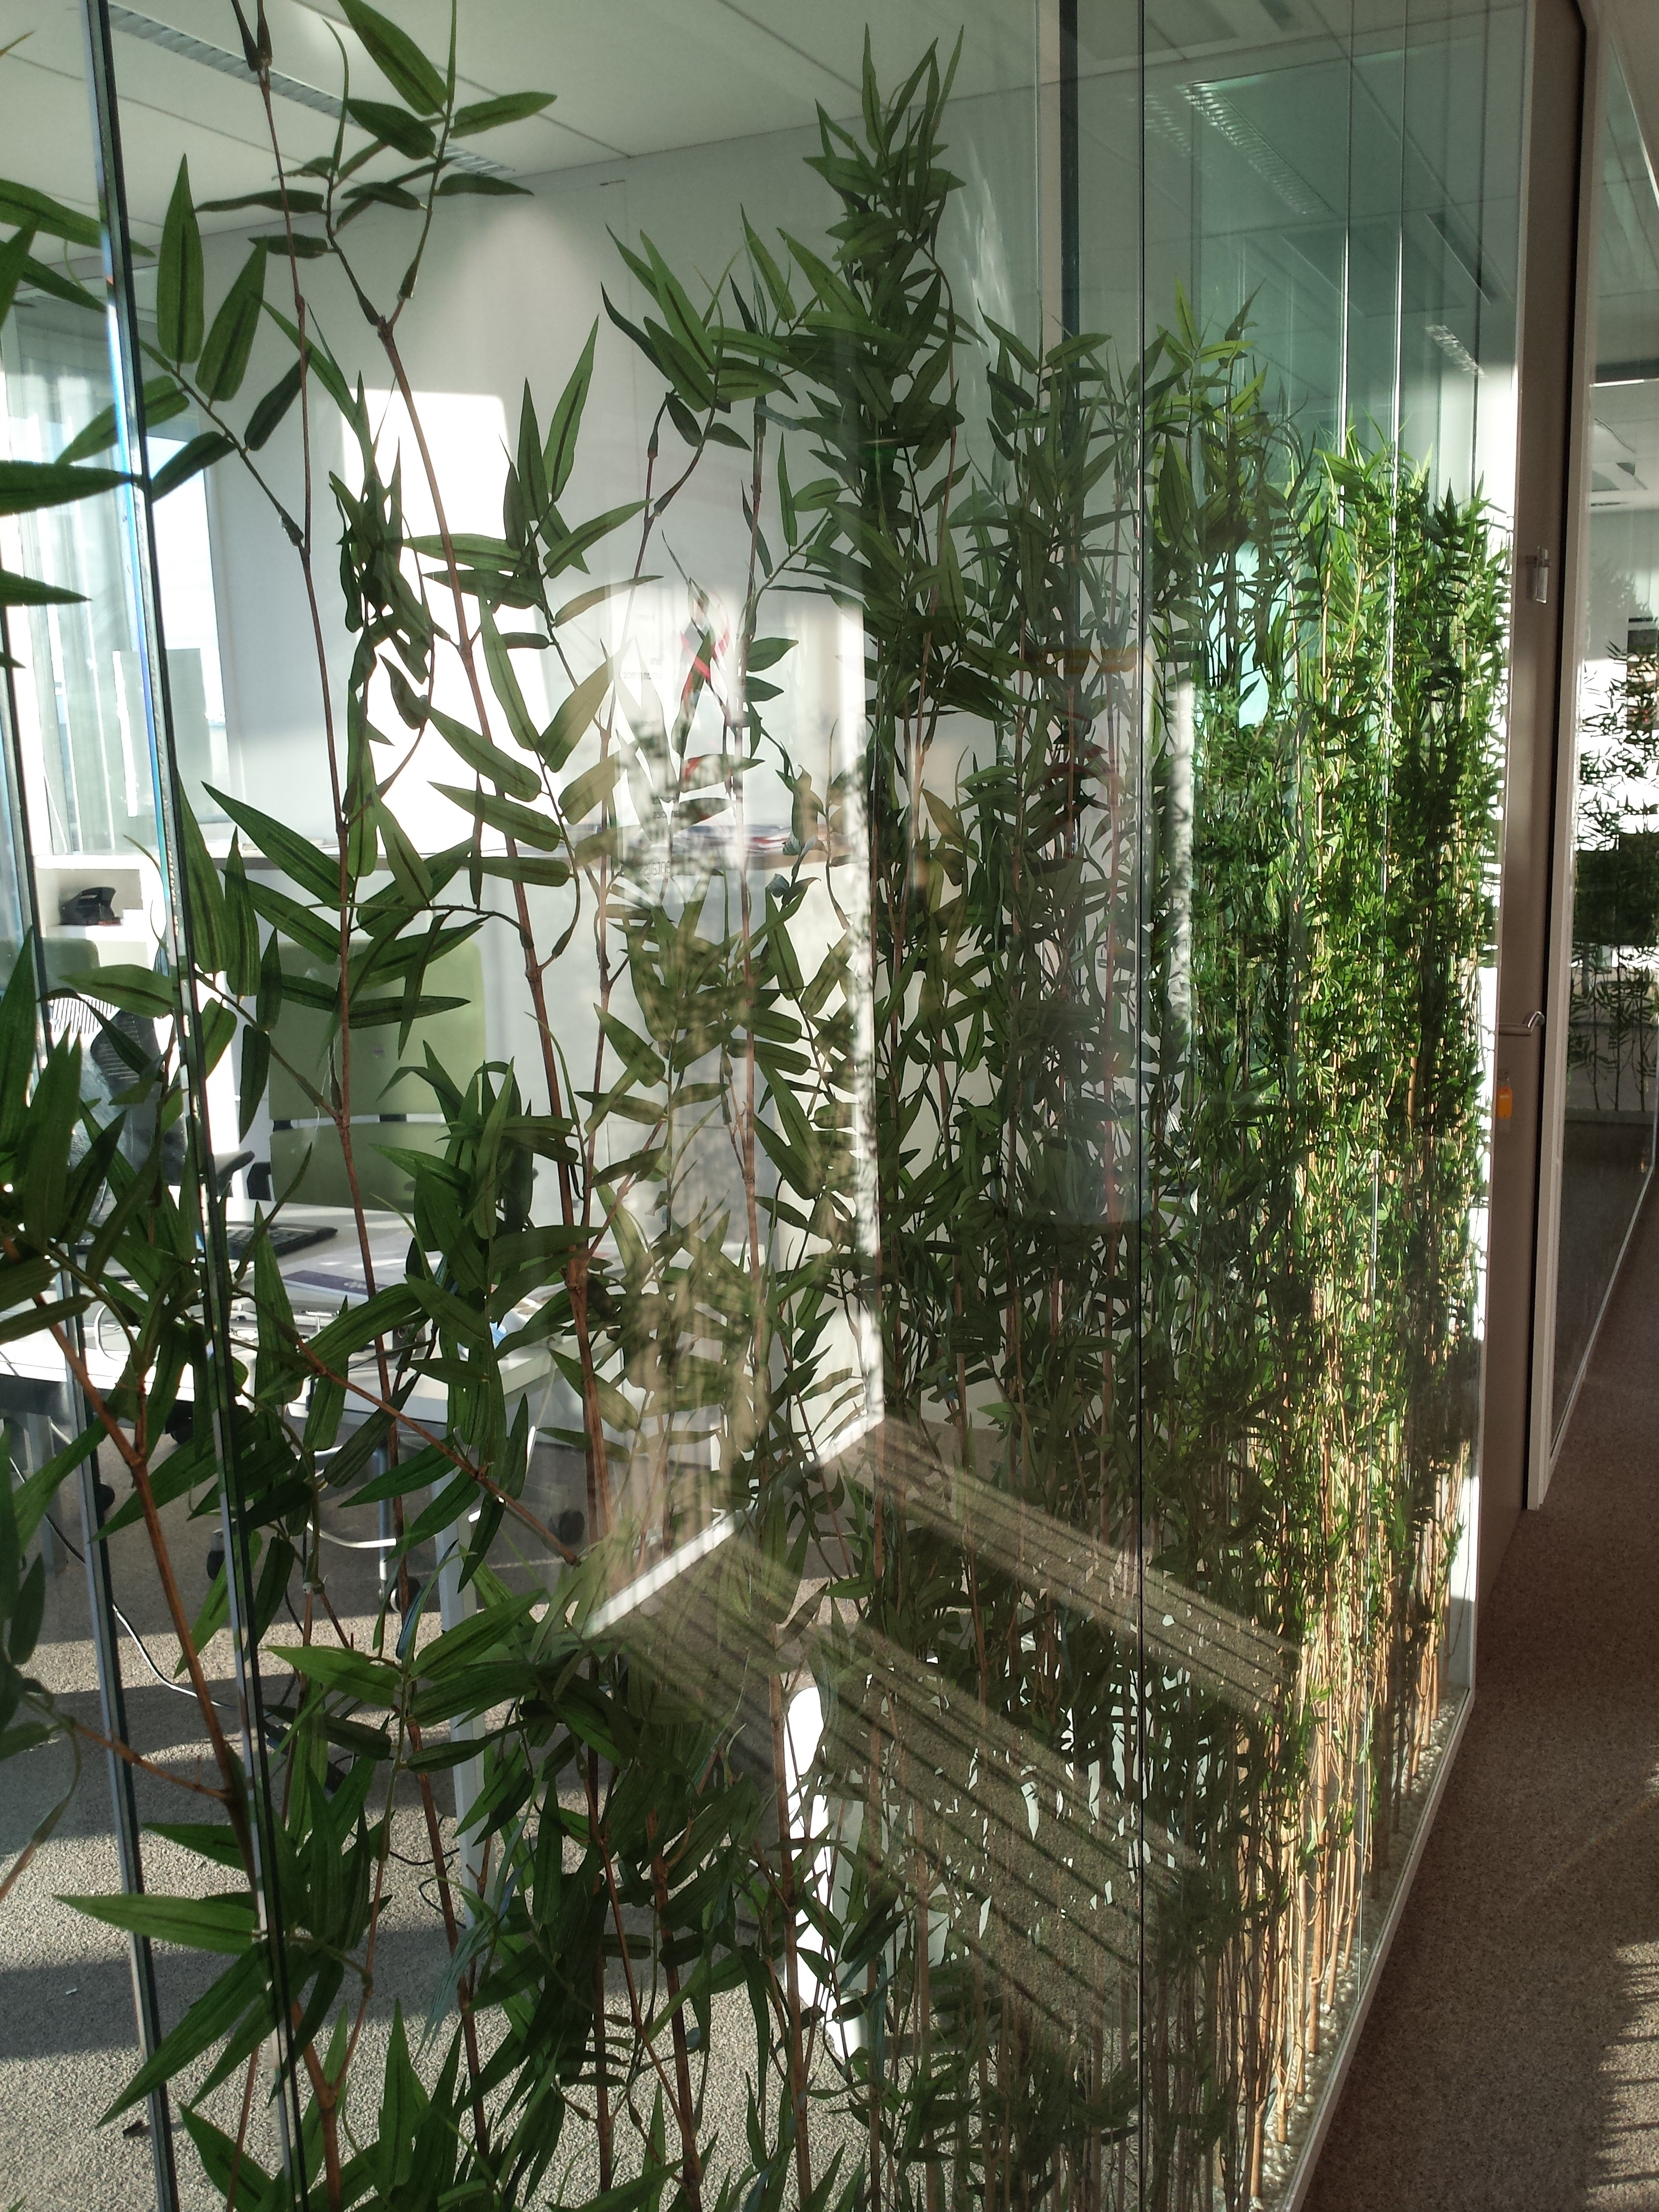 Cloison Plante cloisons-vitree-plante-espace-cloisons (4) | espace cloisons alu ile